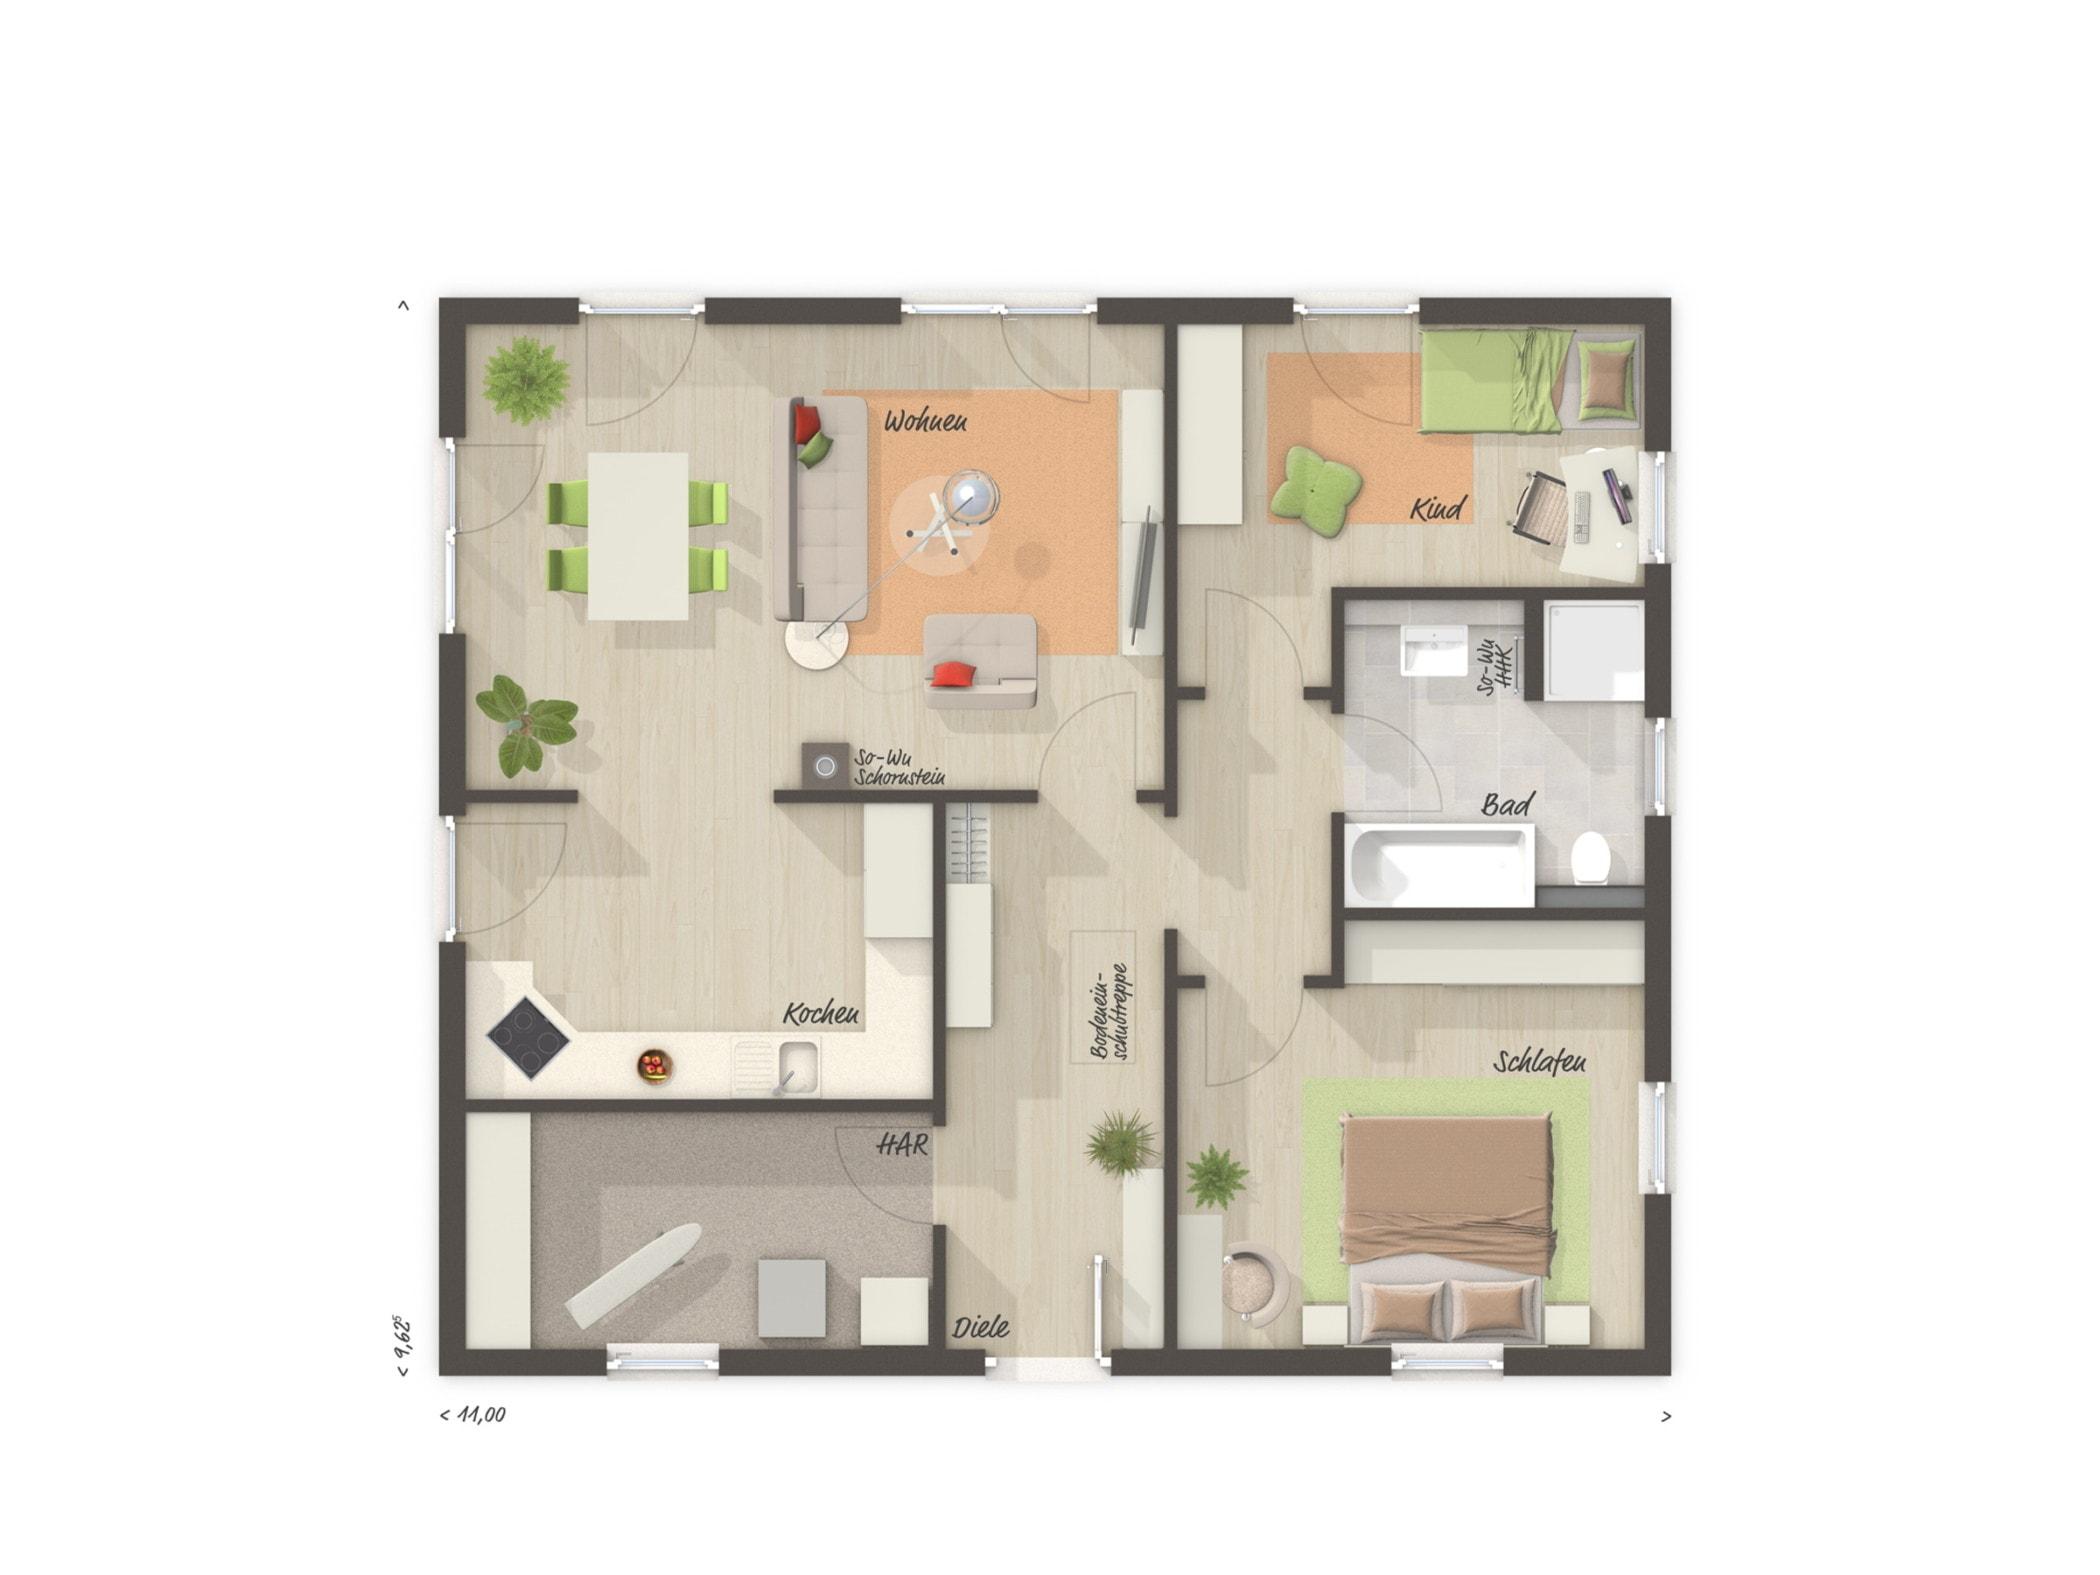 Bungalow Haus Grundriss ebenerdig, 3 Zimmer, 90 qm mit Walmdach - Massivhaus bauen Ideen Town Country Haus Bungalow 92 - HausbauDirekt.de